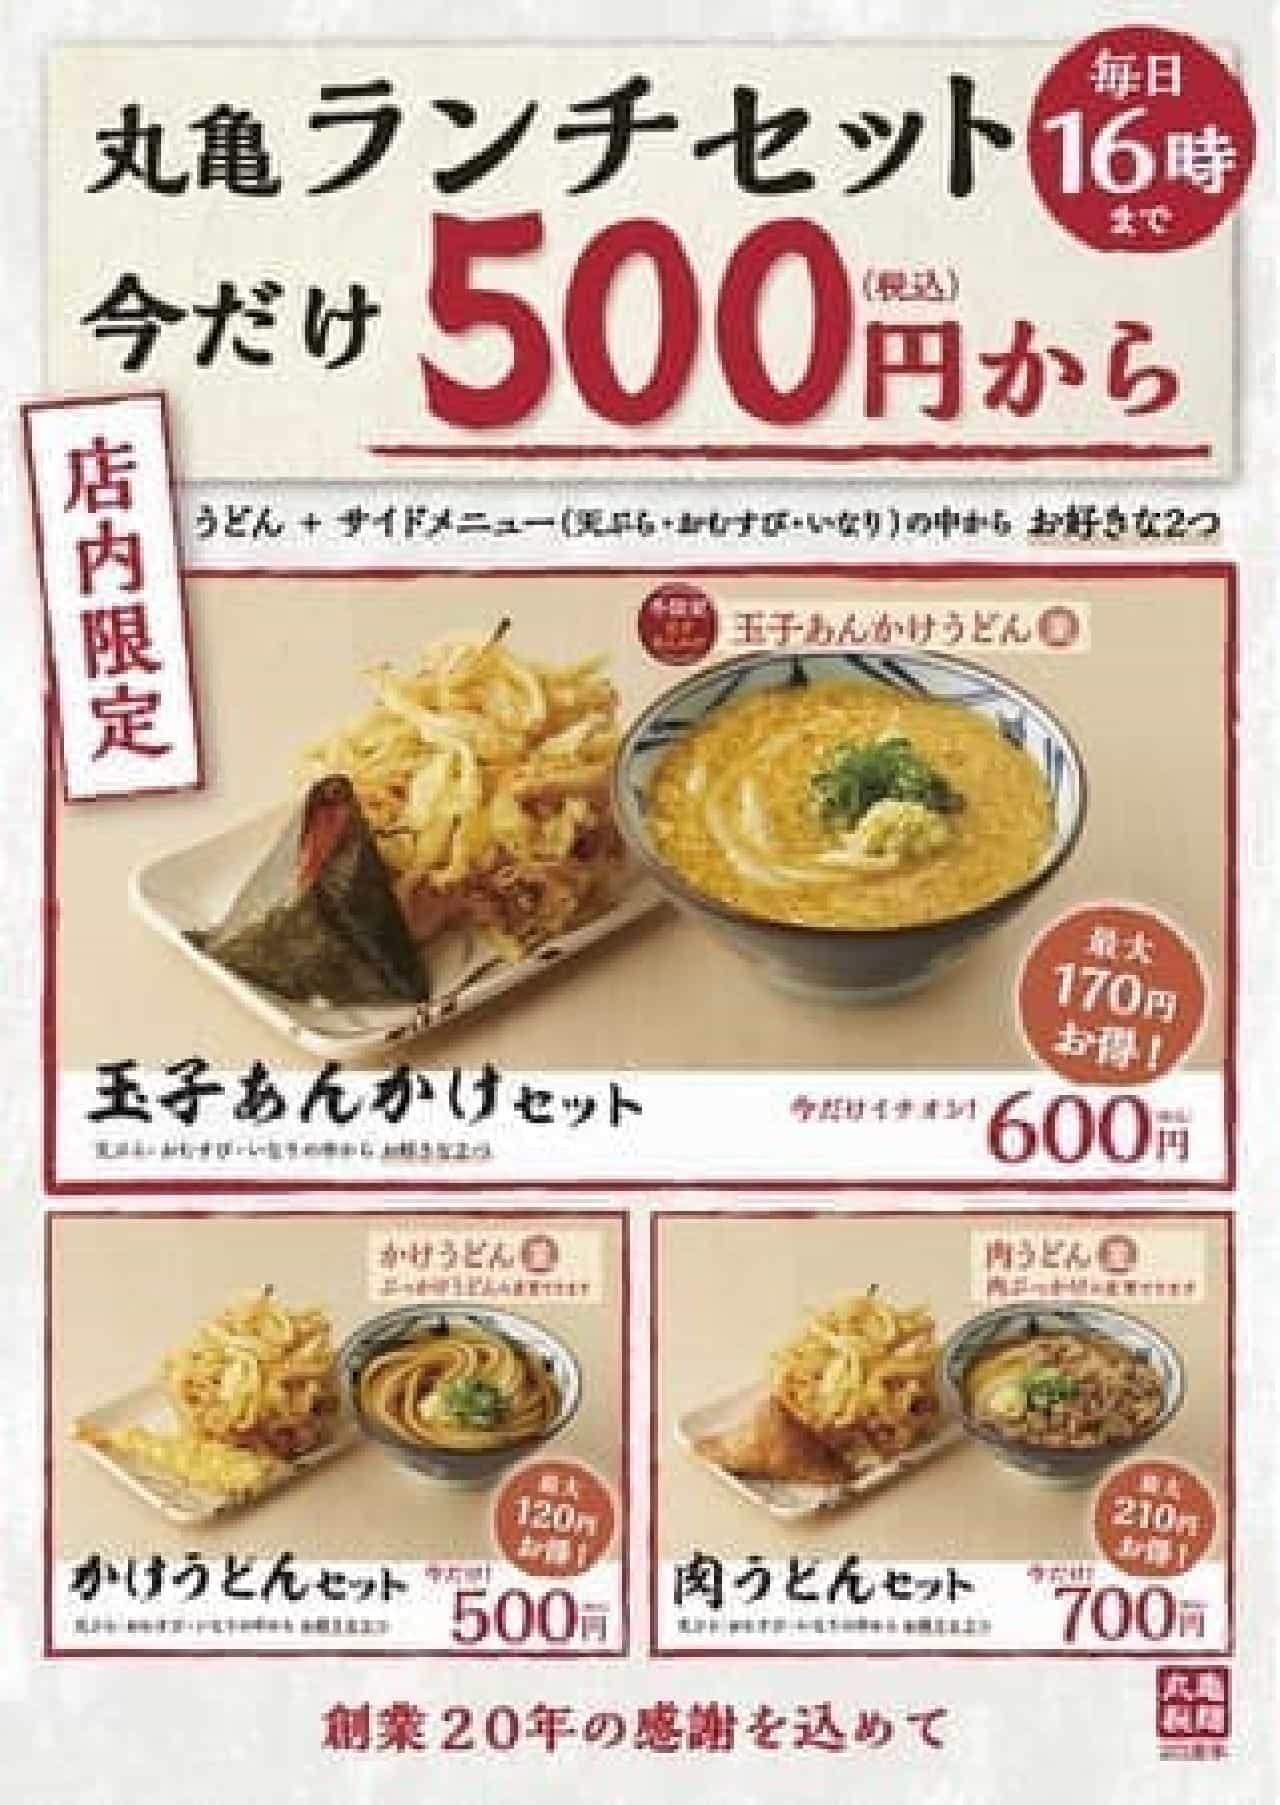 丸亀製麺に500円からのお得な「丸亀ランチセット」